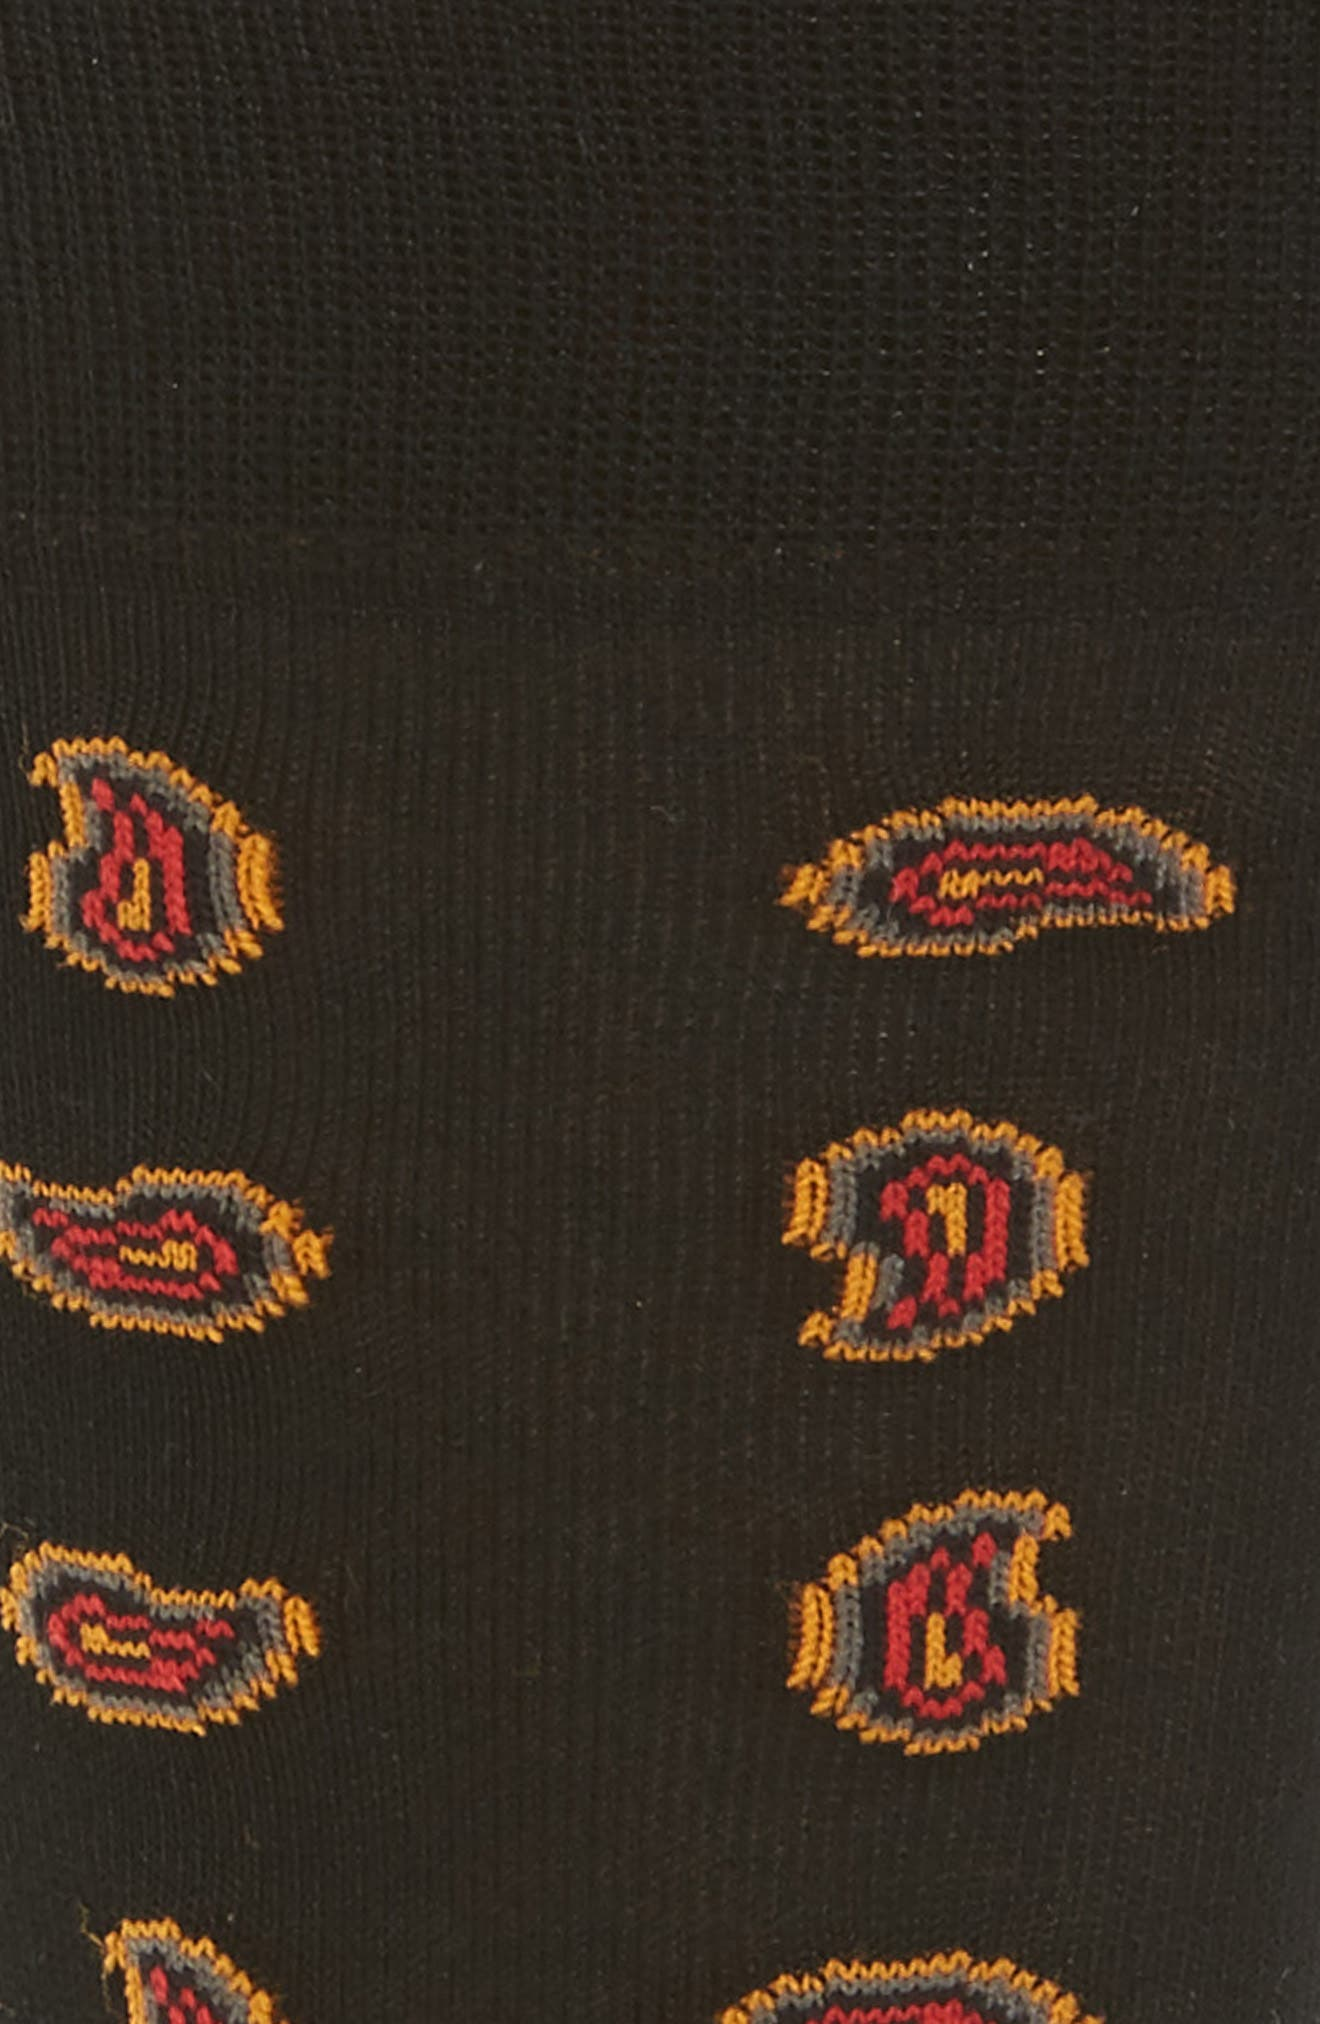 Mini Paisley Socks,                             Alternate thumbnail 2, color,                             Black/ Red